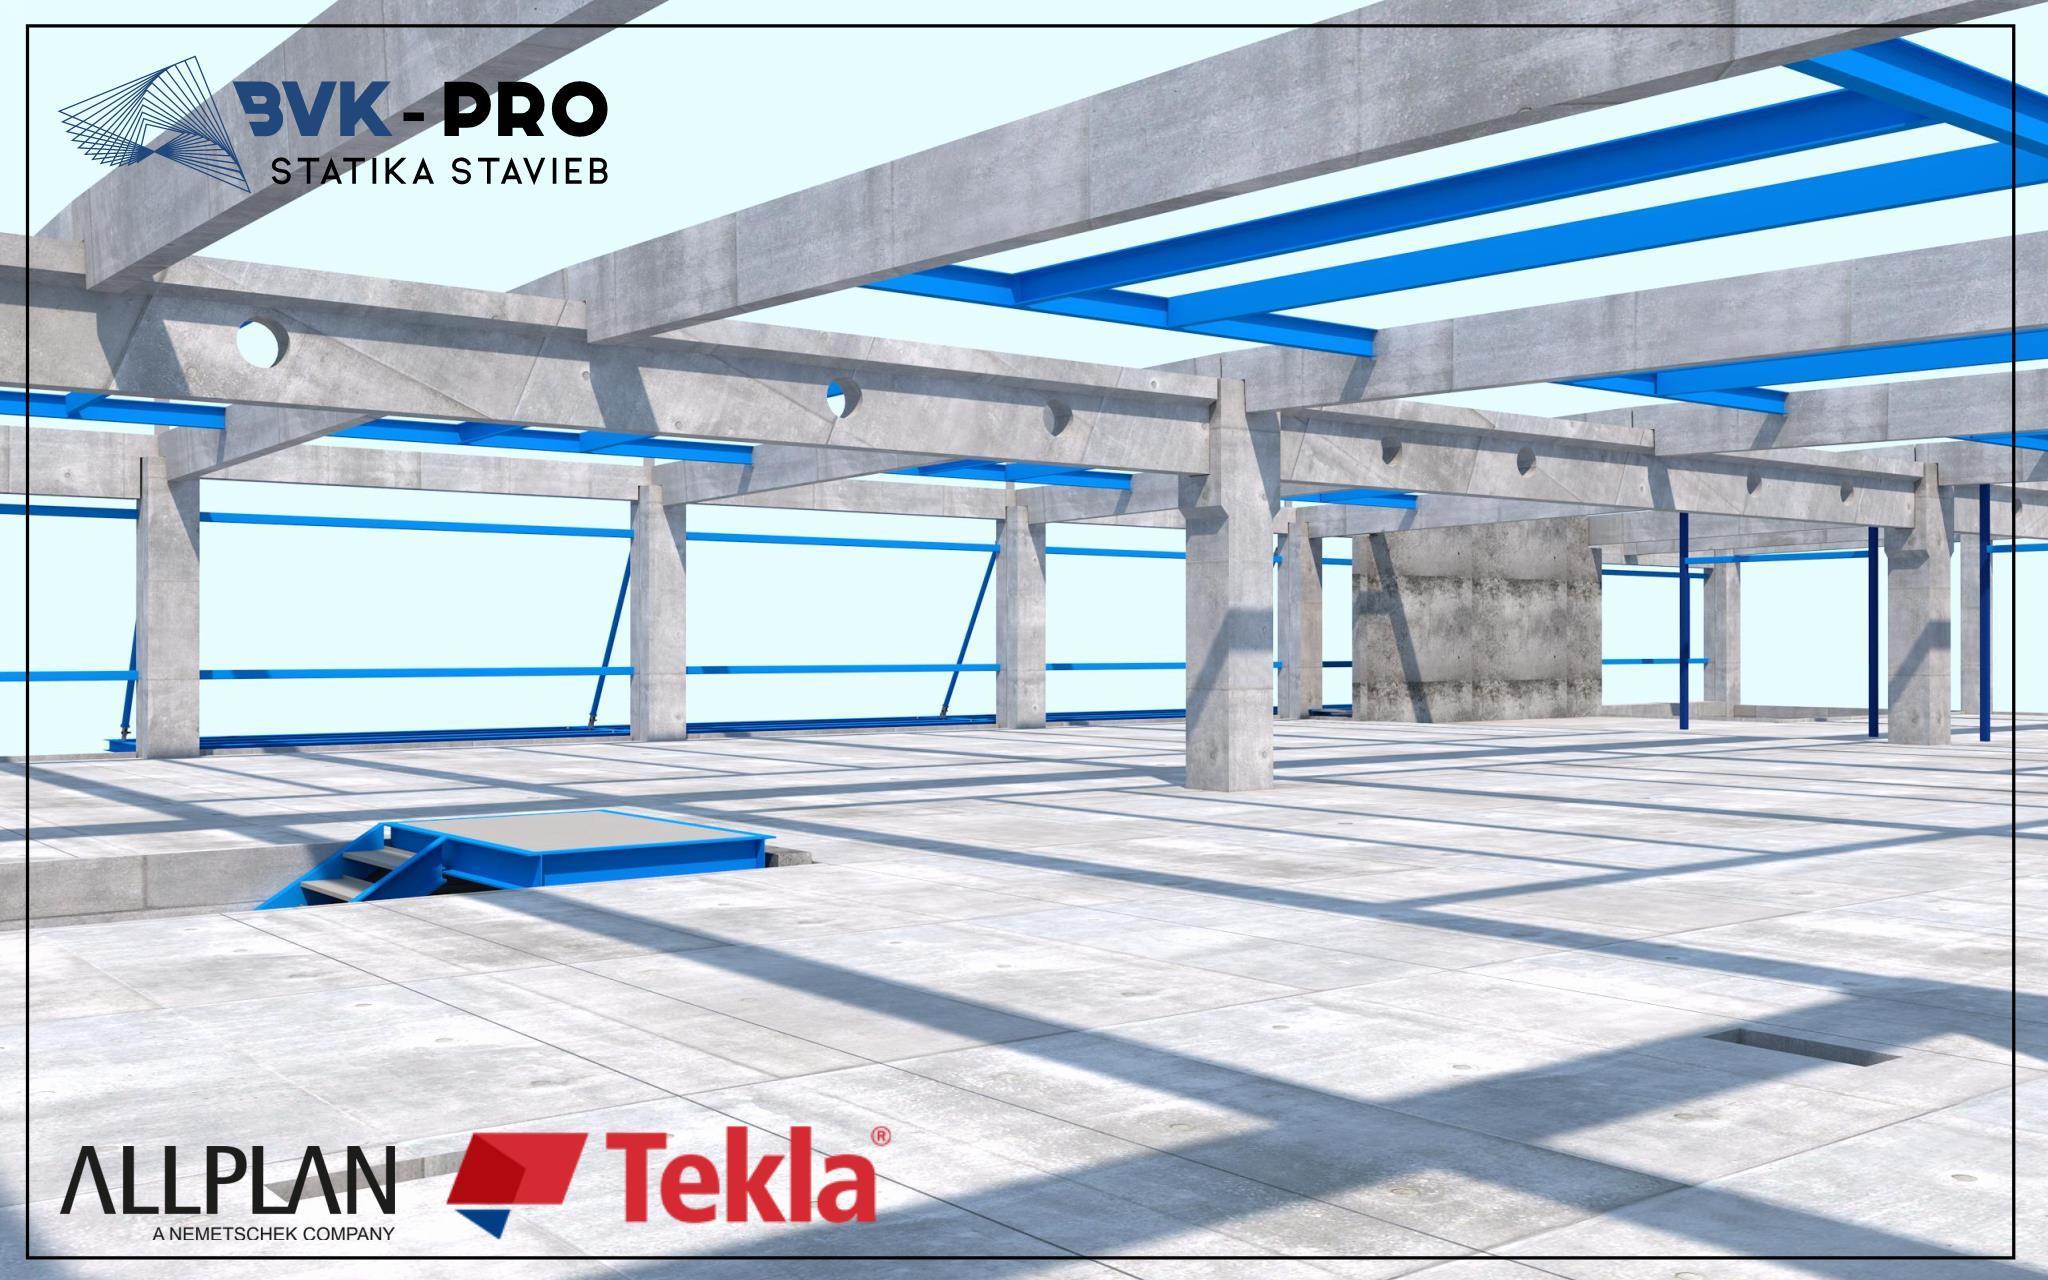 19 227 Rekonštrukcia A Prístavba Skladovej Haly Bvk Pro Page 004